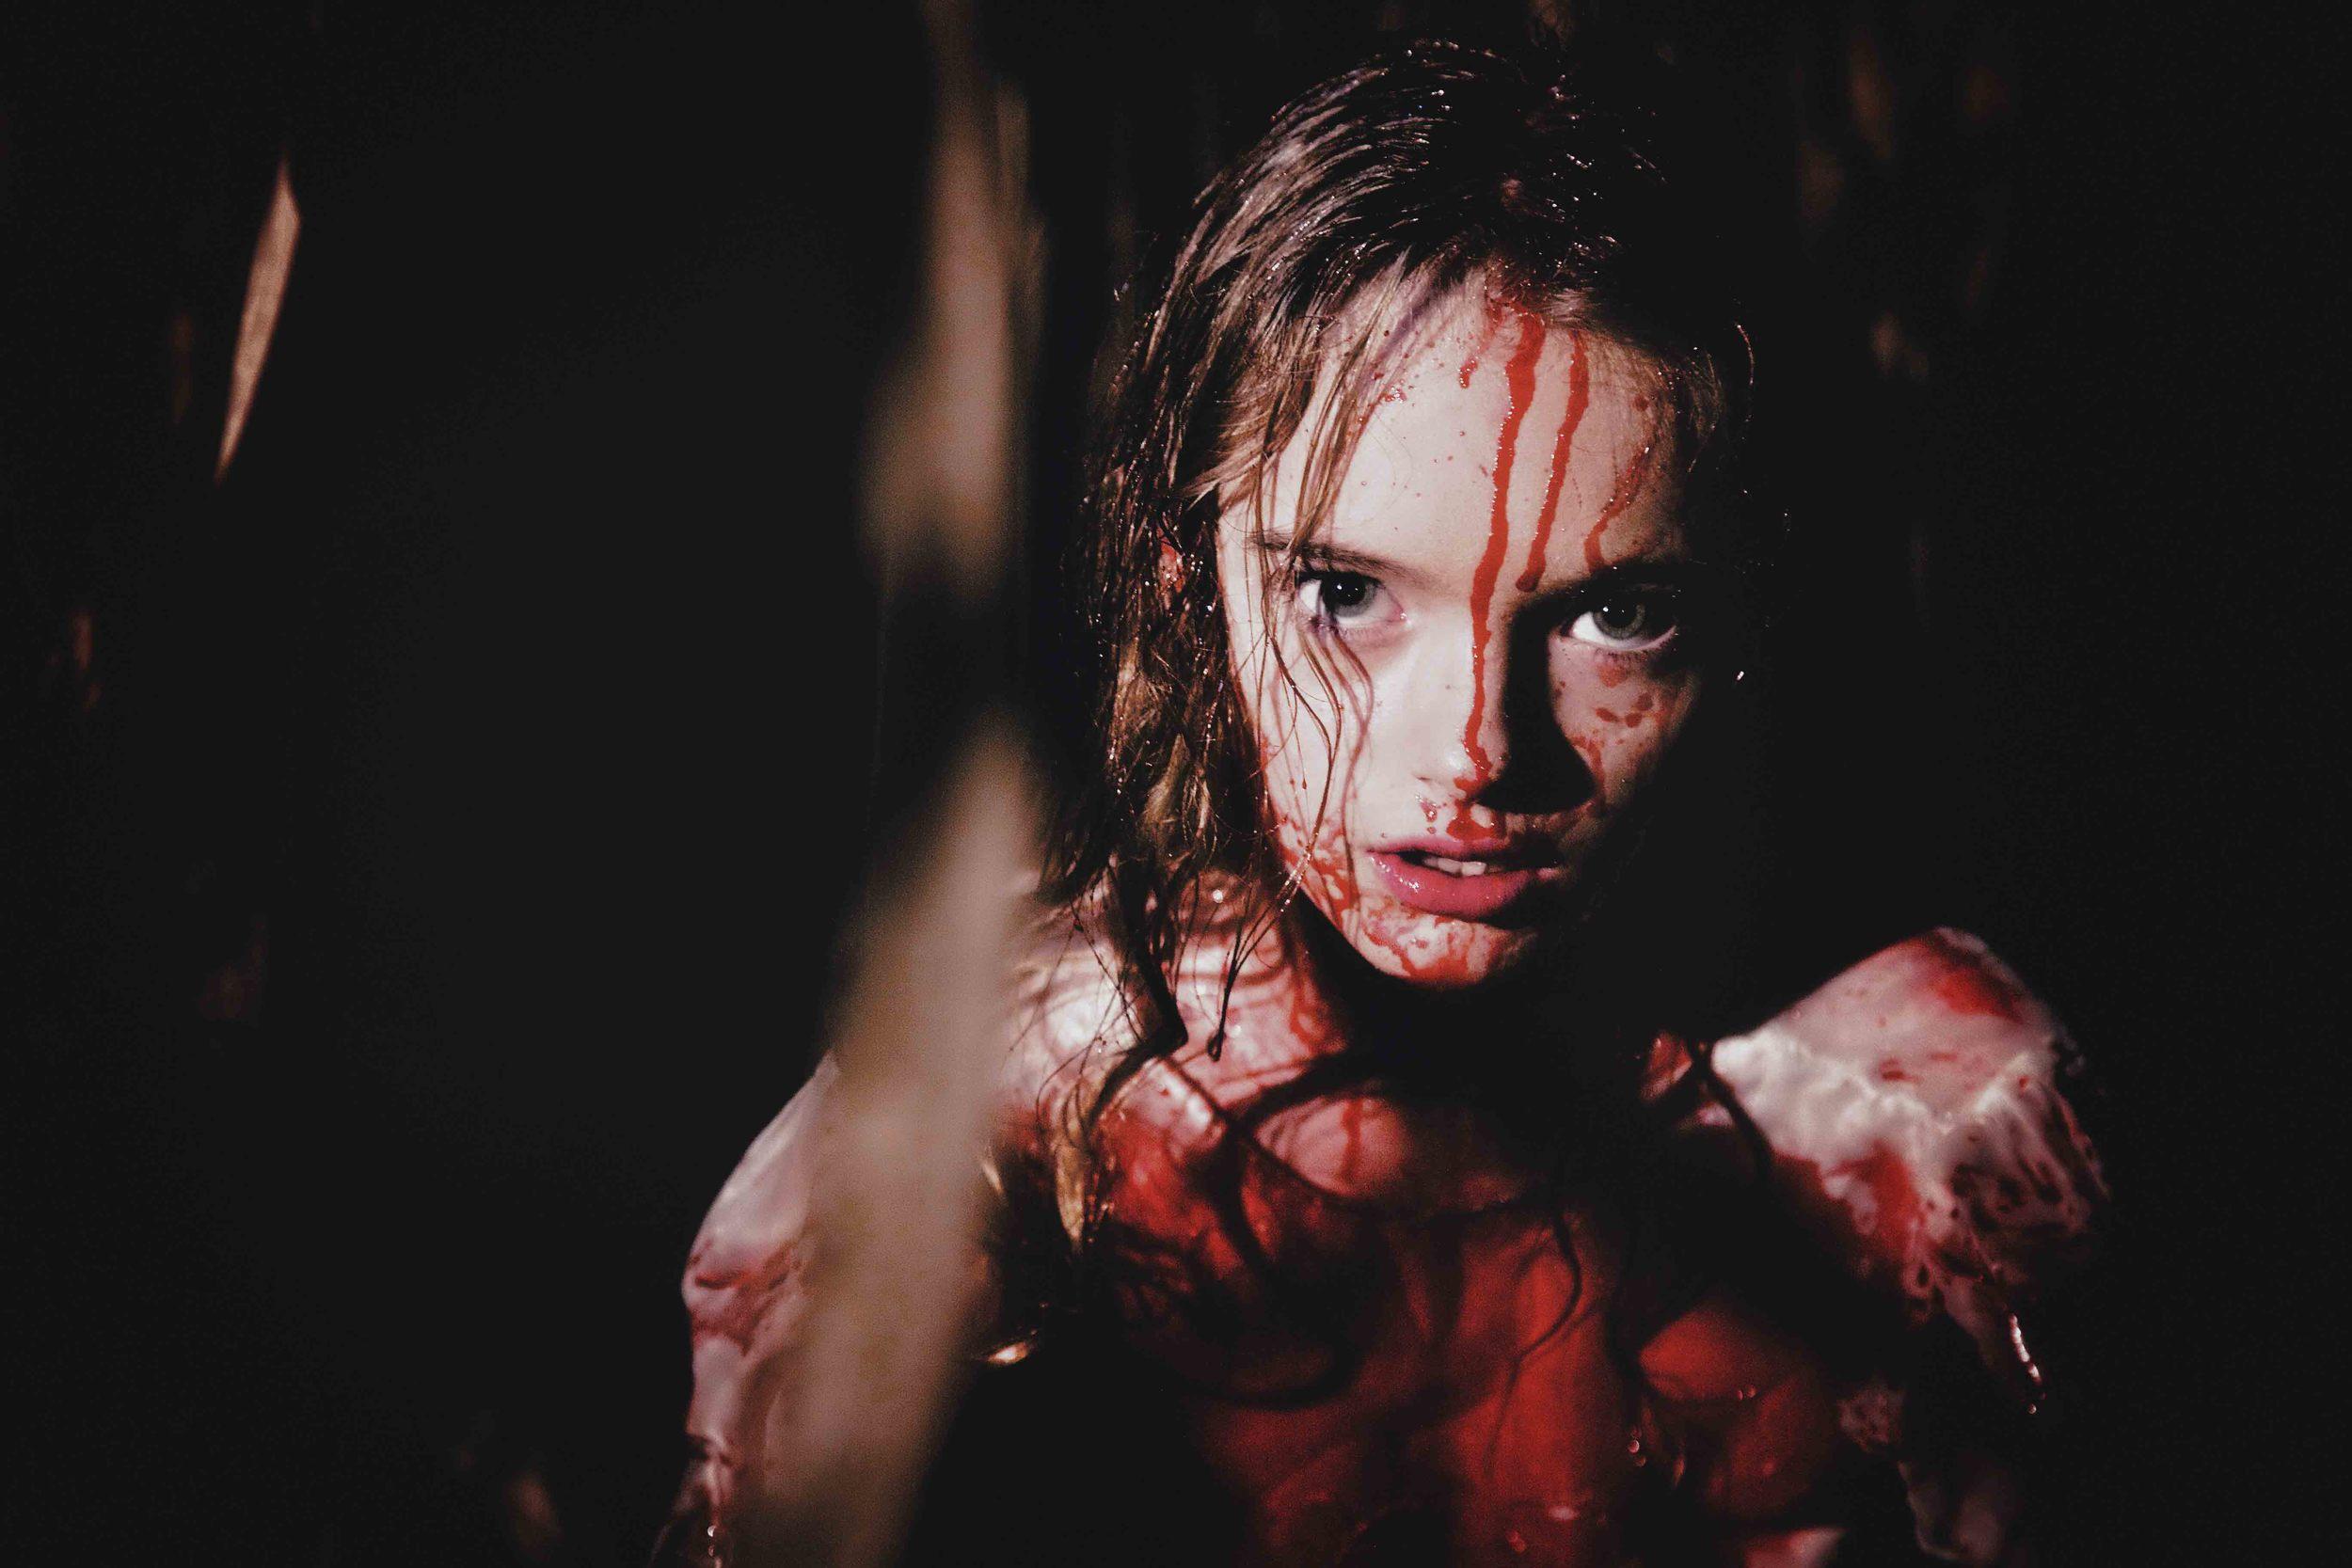 THE REEL OF HORROR - GIRL IN CORN FIELD.jpg